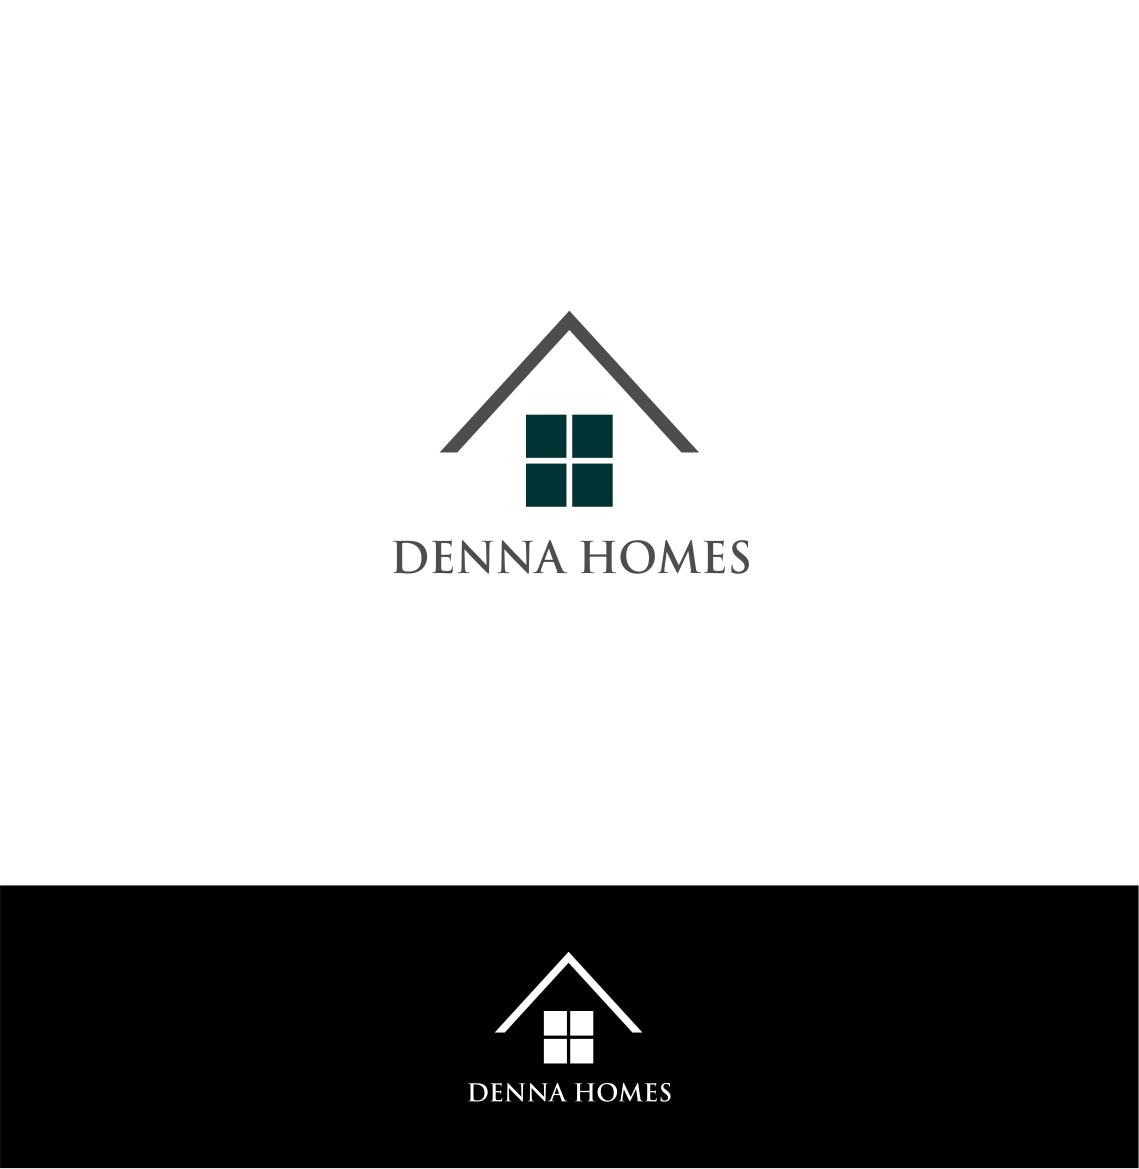 Logo Design by haidu - Entry No. 312 in the Logo Design Contest Denna Group Logo Design.